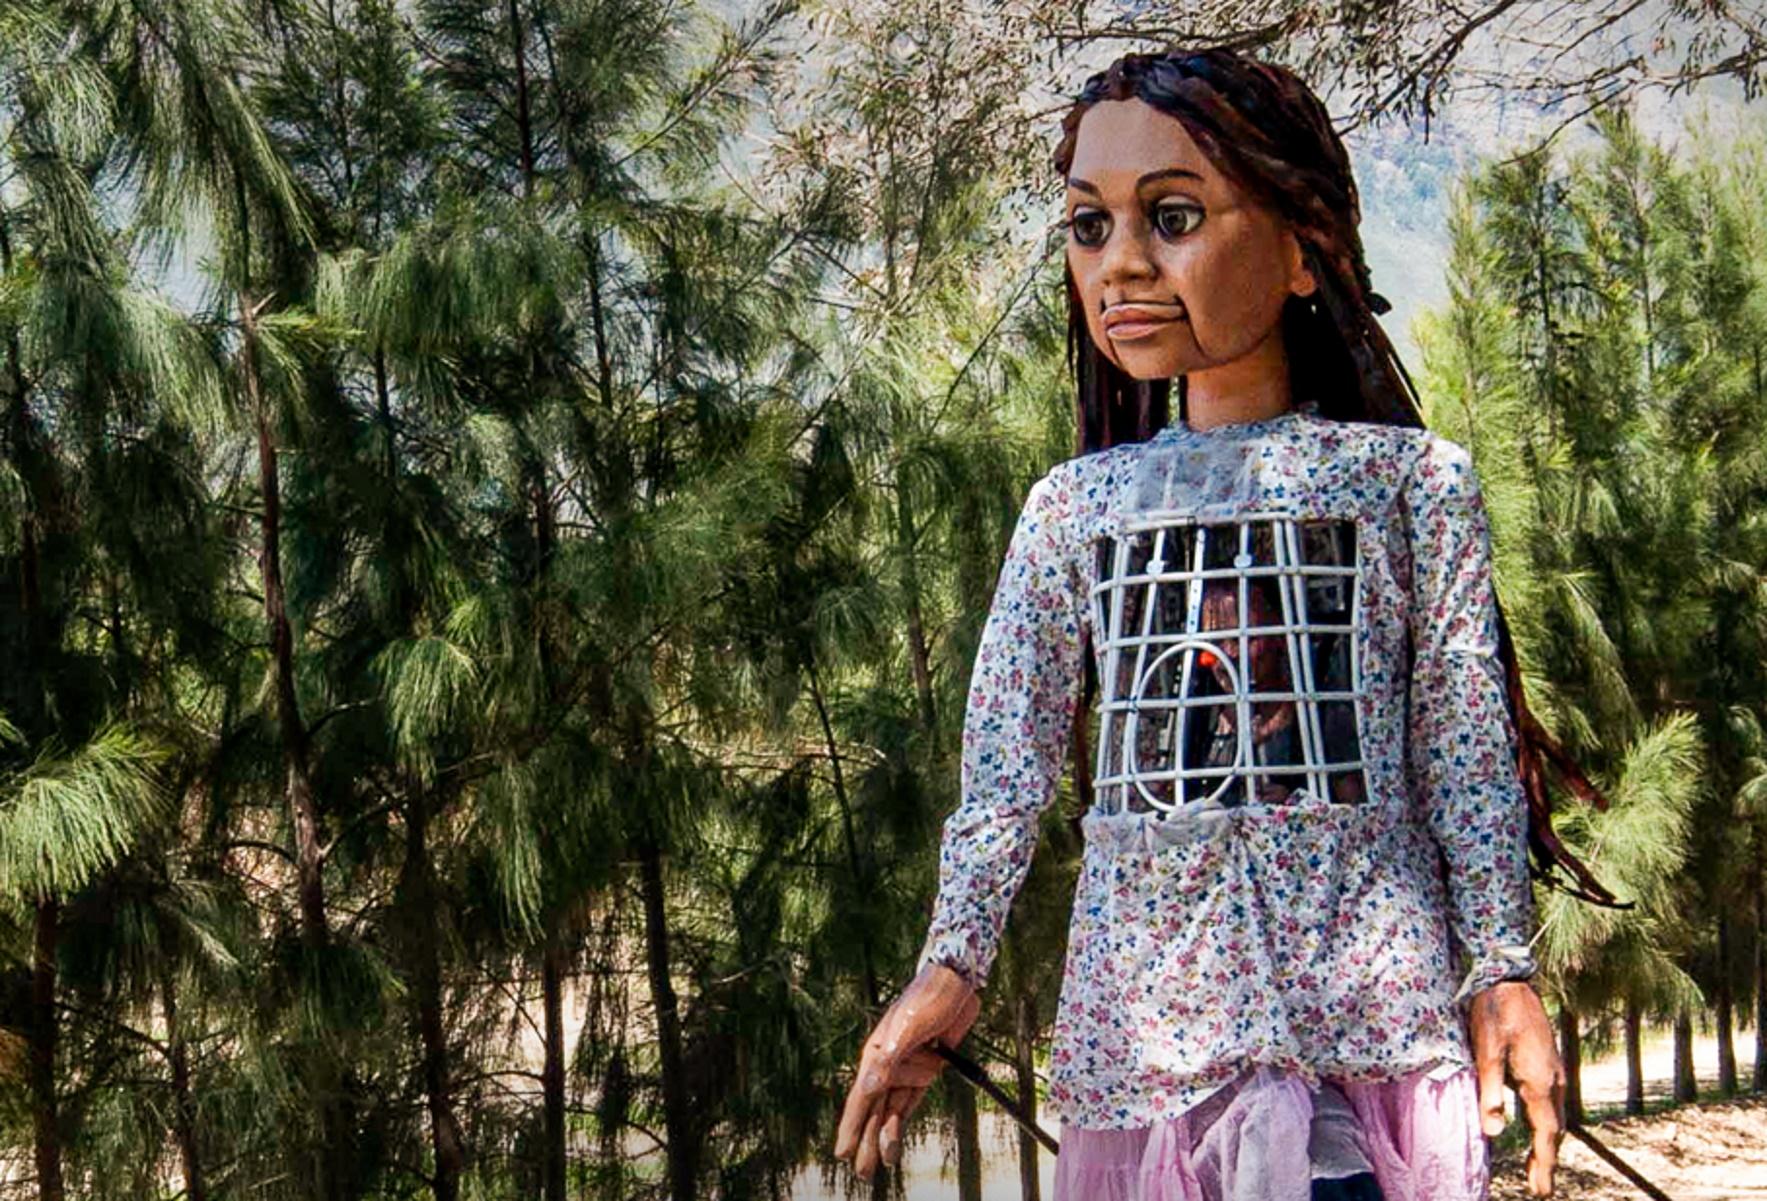 Μικρή Αμάλ: Η Οδύσσεια της «ασυνόδευτης προσφυγοπούλας» από τη Συρία μέχρι το Μάντσεστερ (pic)